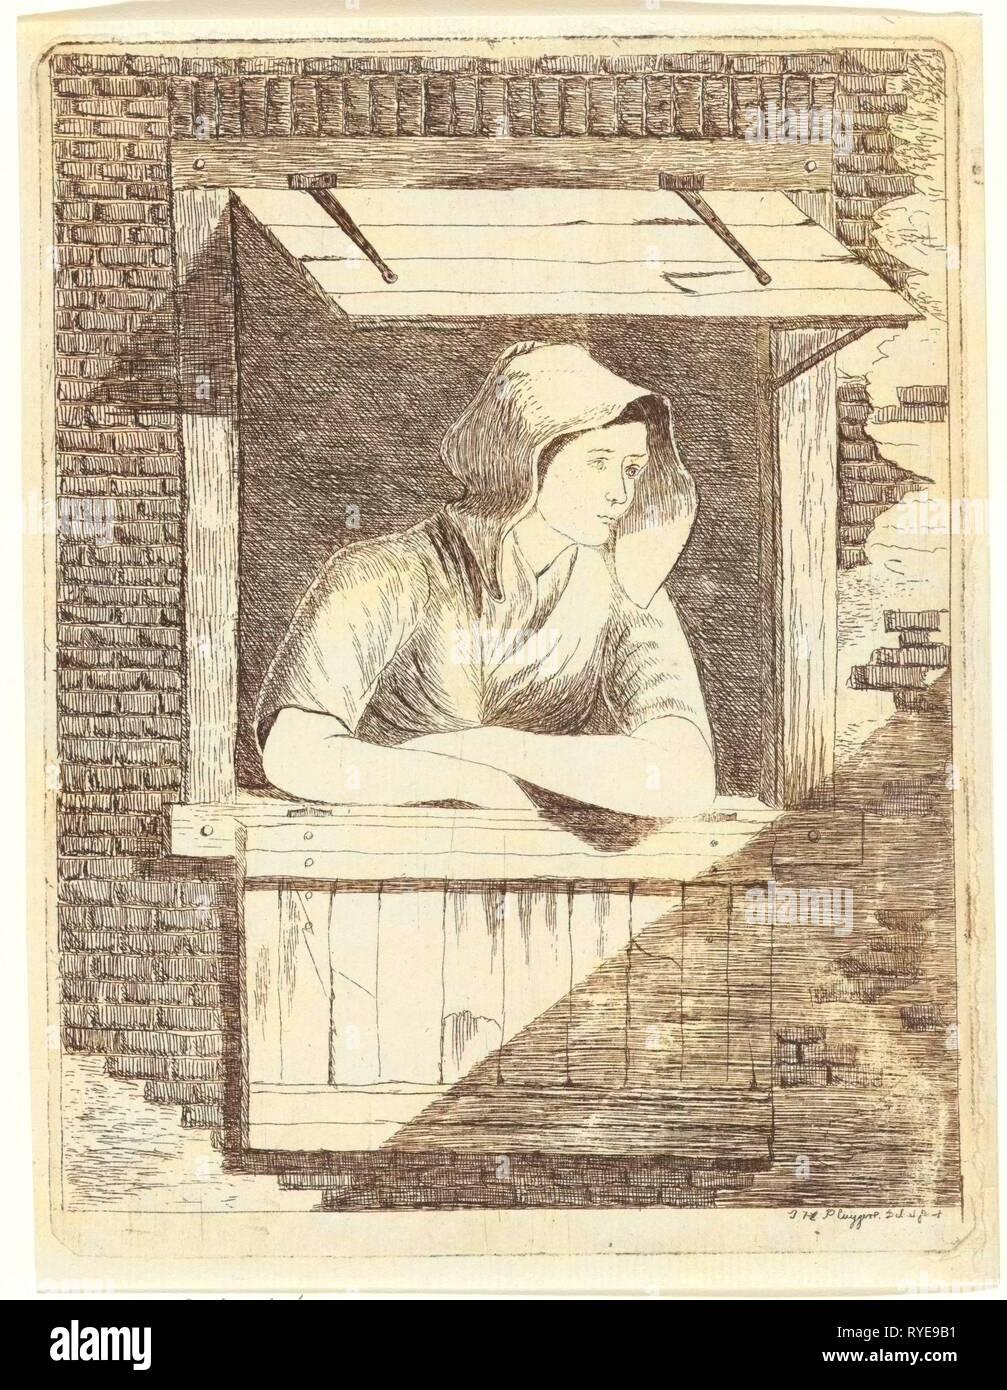 Una donna con un cappuccio sulla testa appoggiata fuori una finestra con persiane orizzontali, stampa maker: J.H. Pluygers (menzionato in oggetto), risalente 1800 - 1899 Immagini Stock